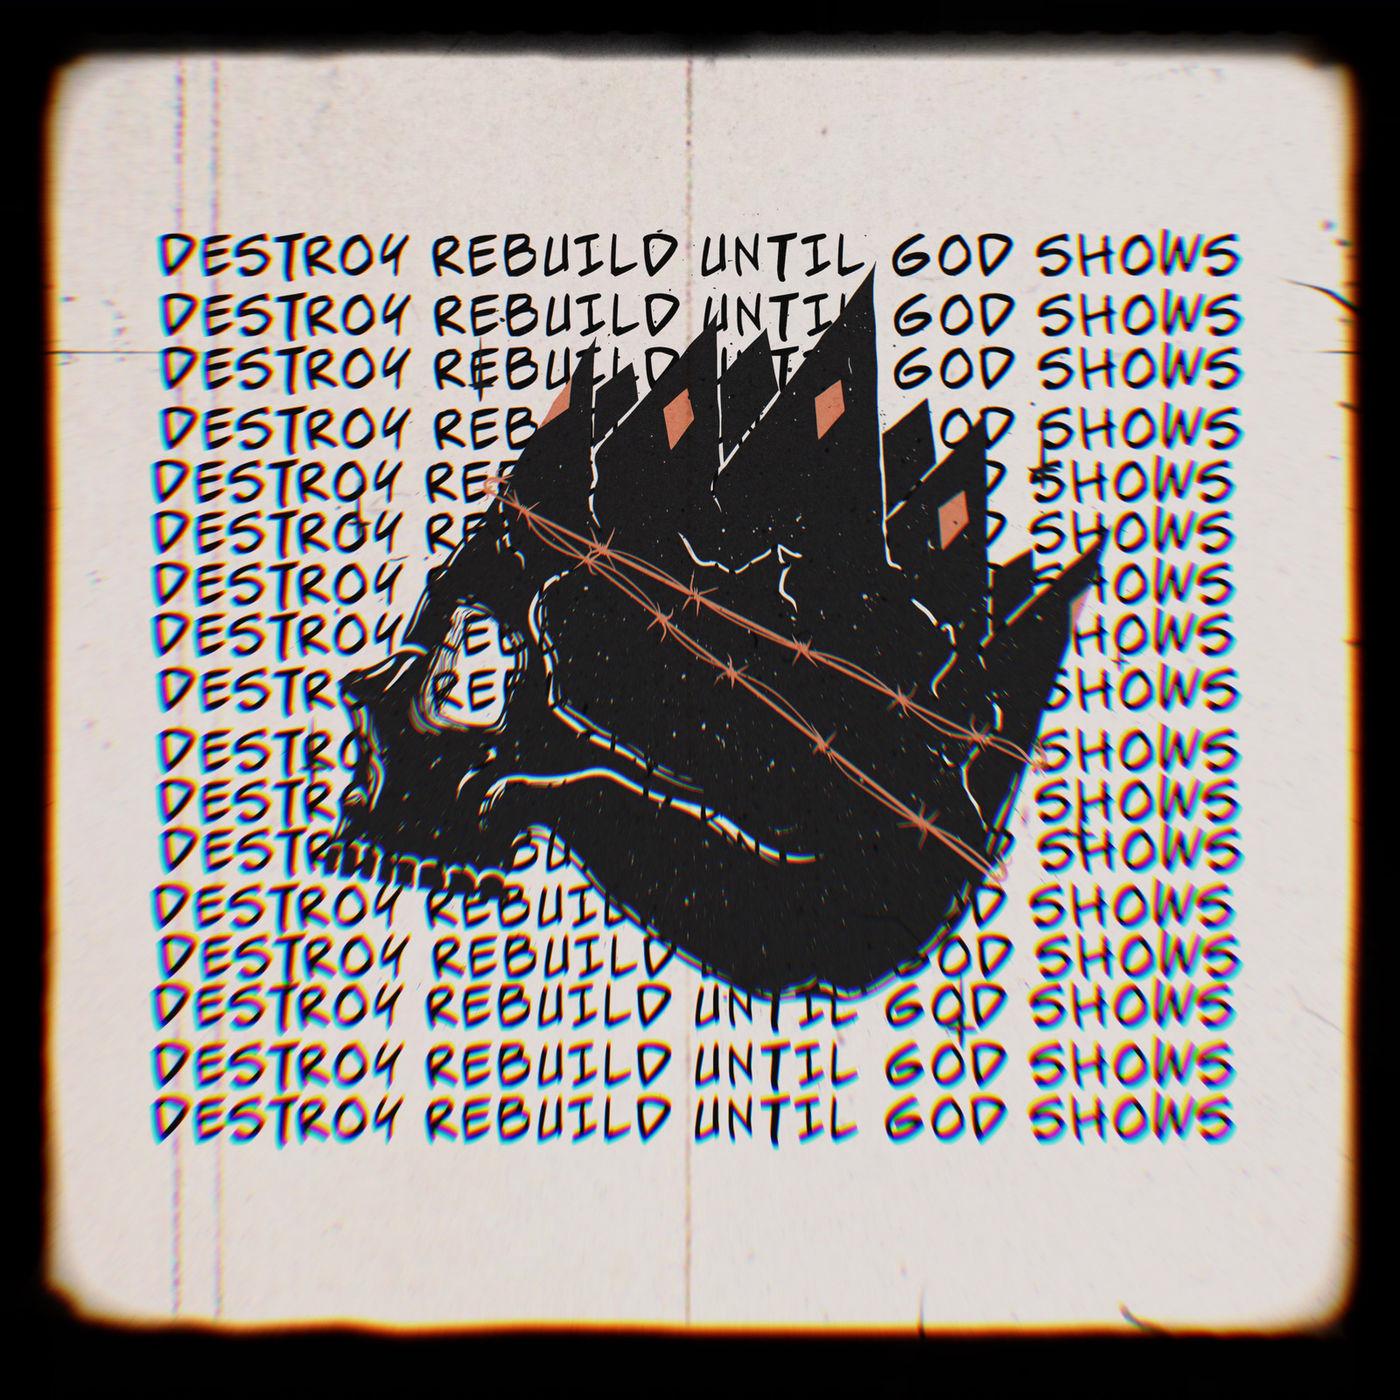 Destroy Rebuild Until God Shows - King I Am [single] (2020)